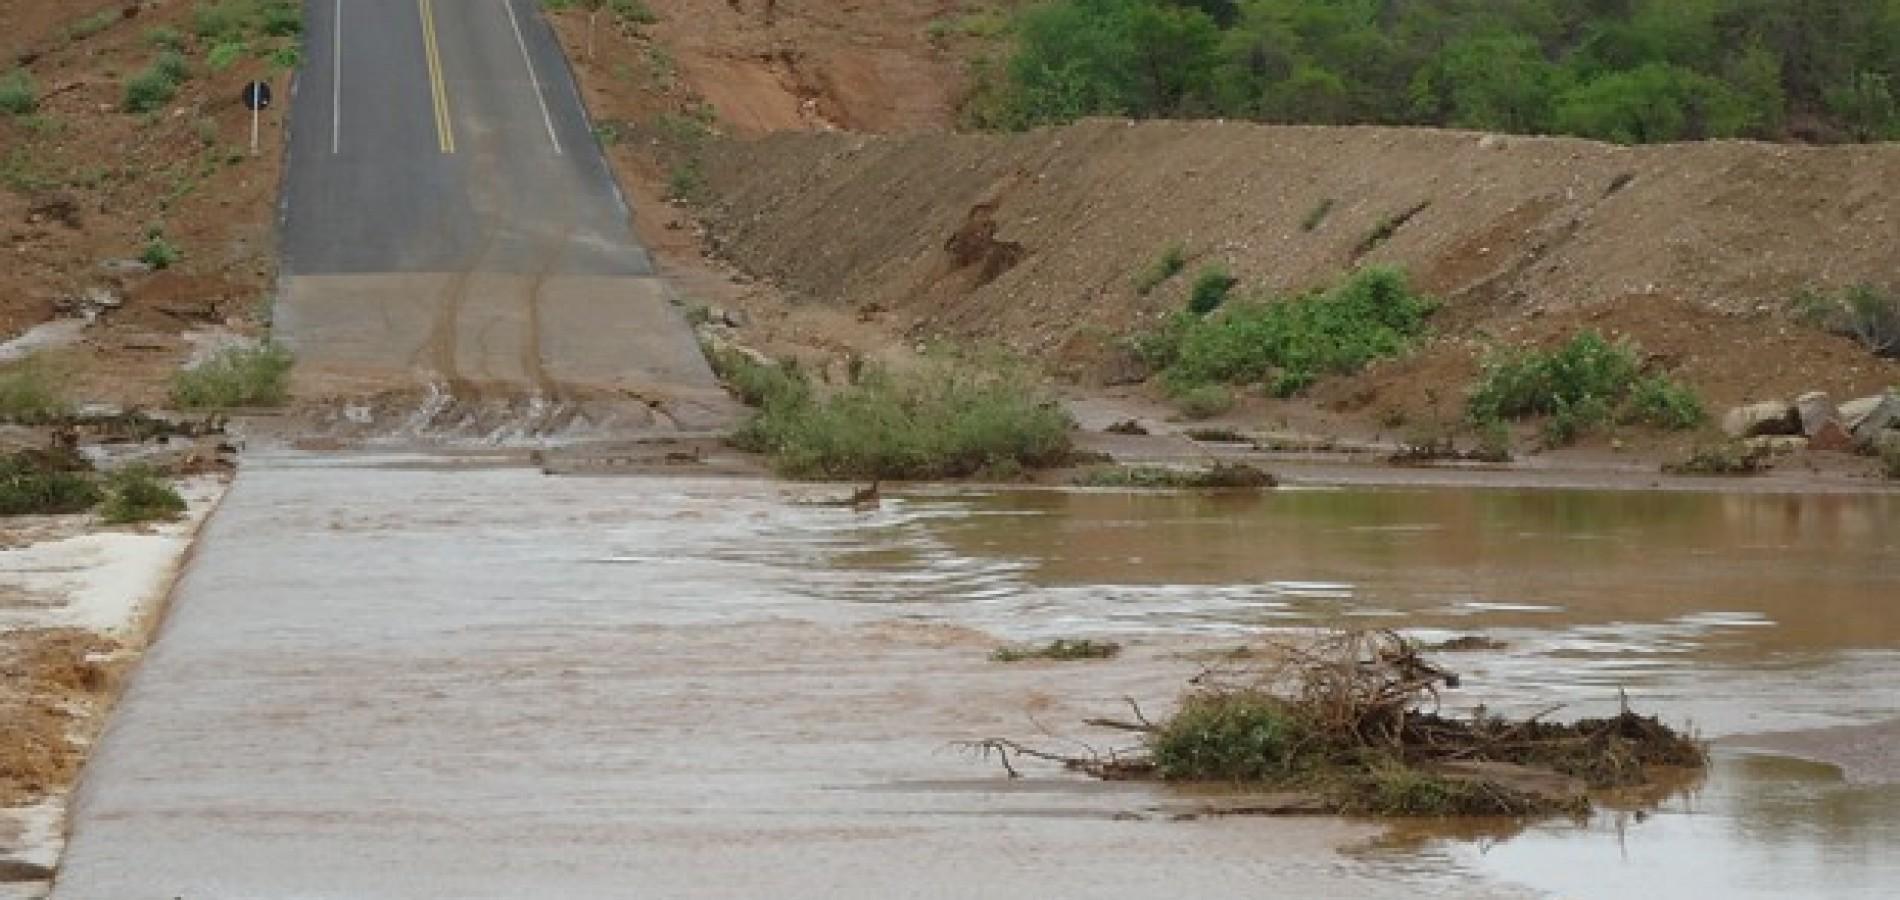 Cidade que decretou emergência pela seca fica isolada devido enchente